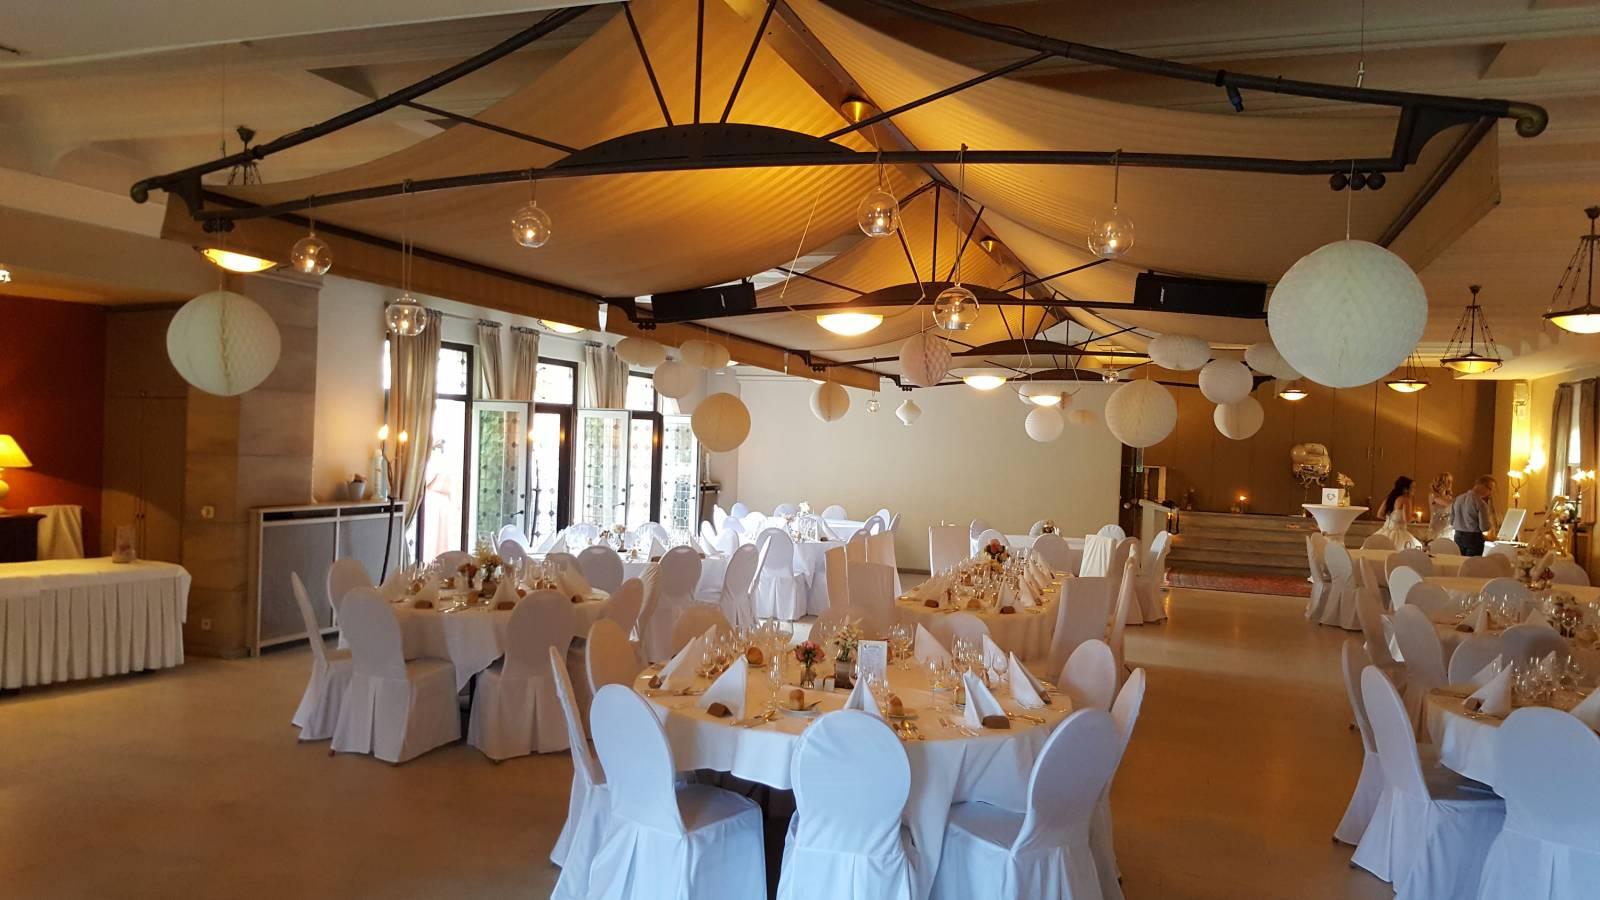 Feestzaal Hof Van Reyen Zaal Brouwerij Boechout (7) - House of Weddings